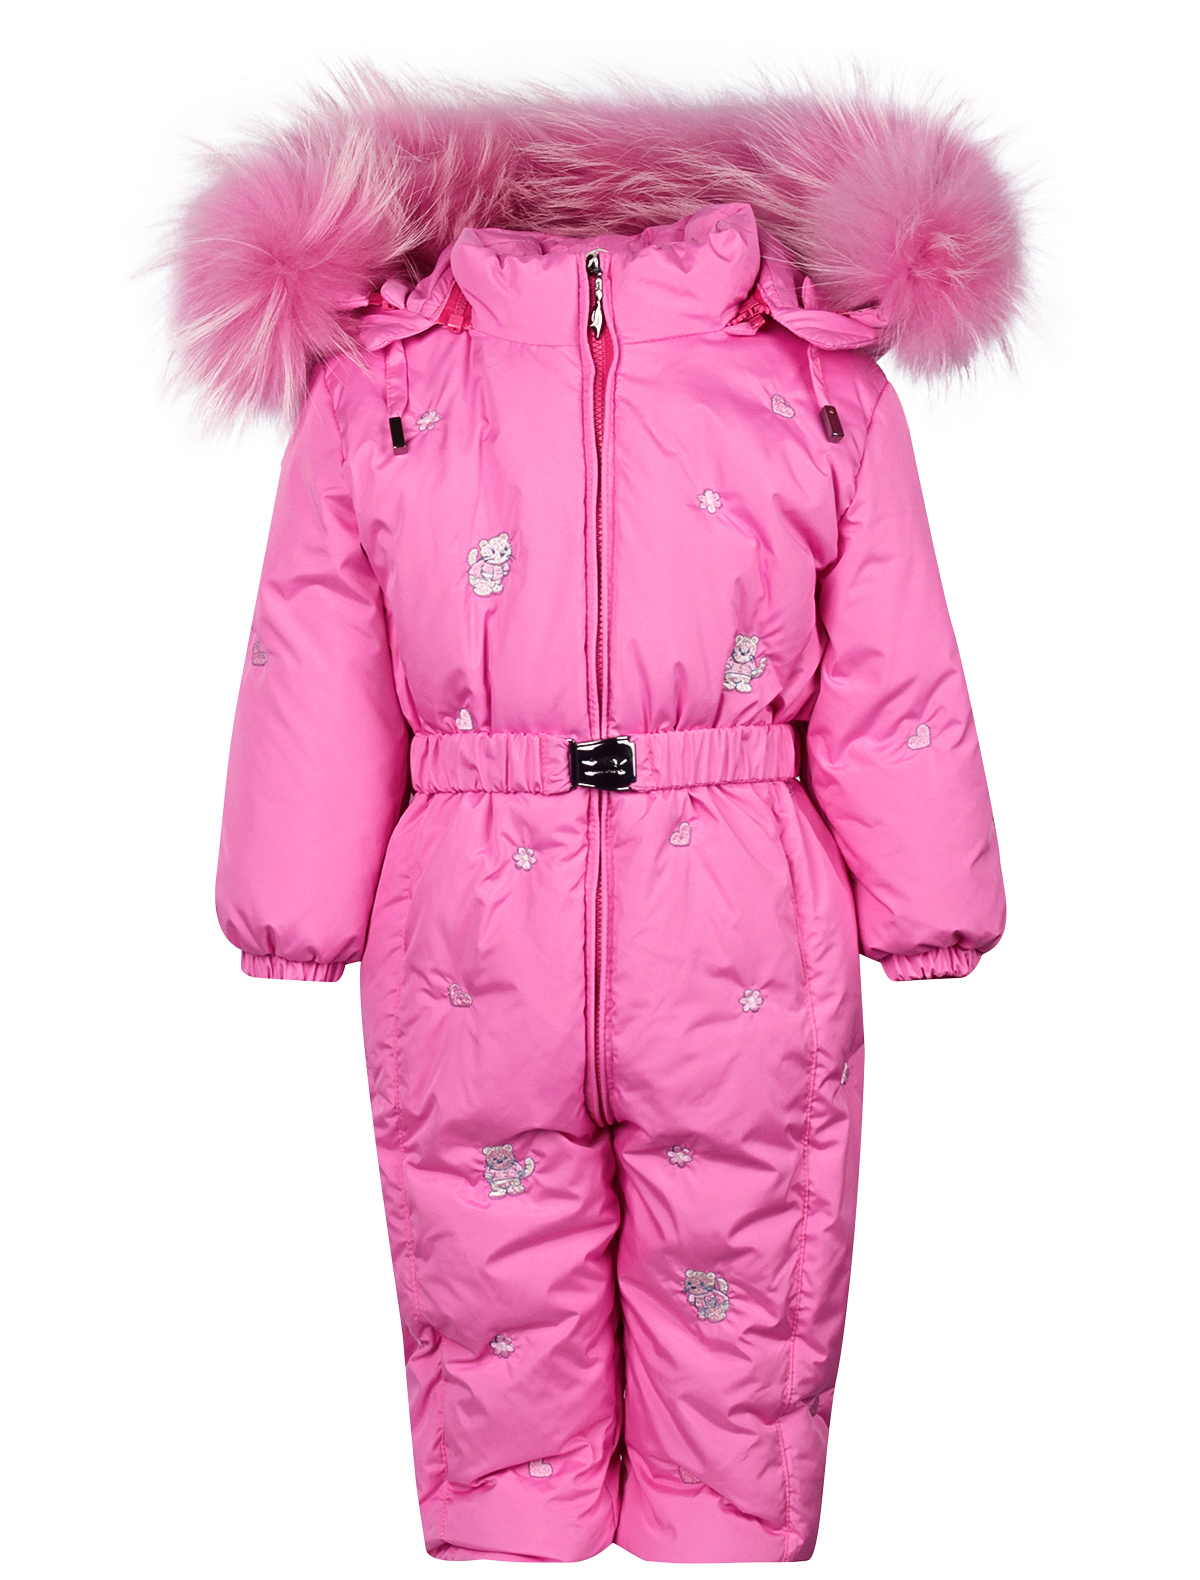 Купить 2122669, Комбинезон утепленный Manudieci, розовый, Женский, 1592609980863